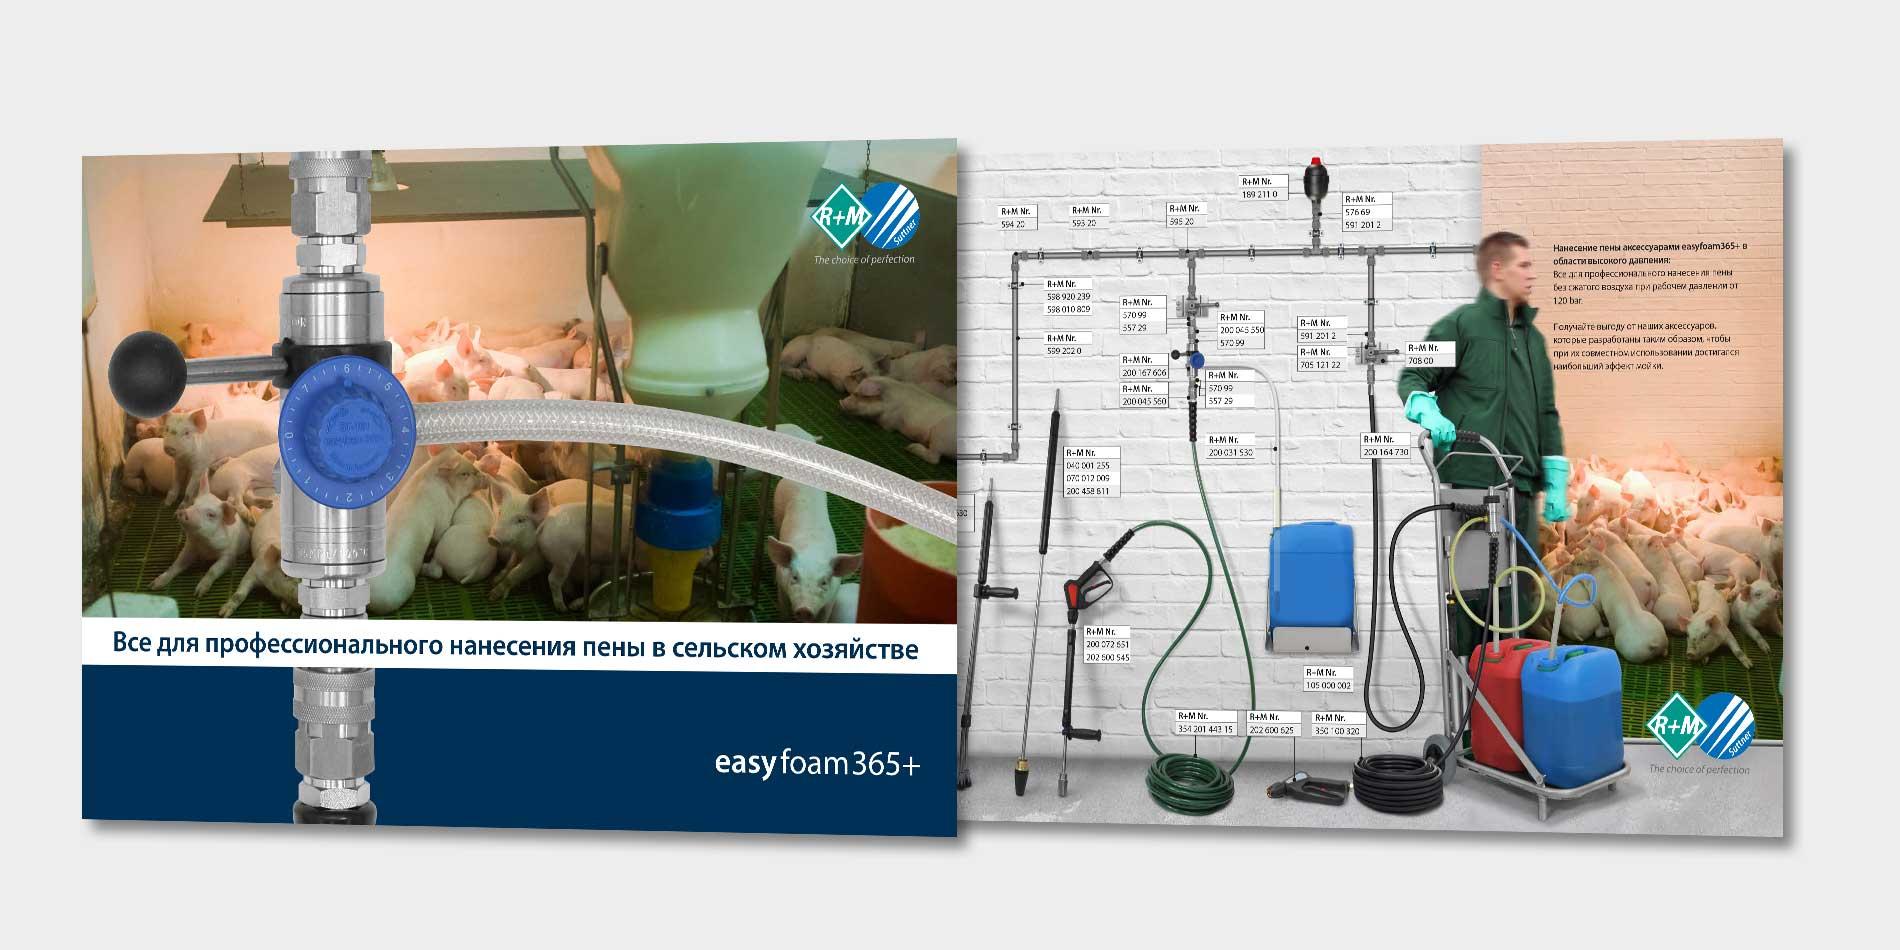 easyfoam365+ - все для профессионального нанесения пены в сельском хозяйстве